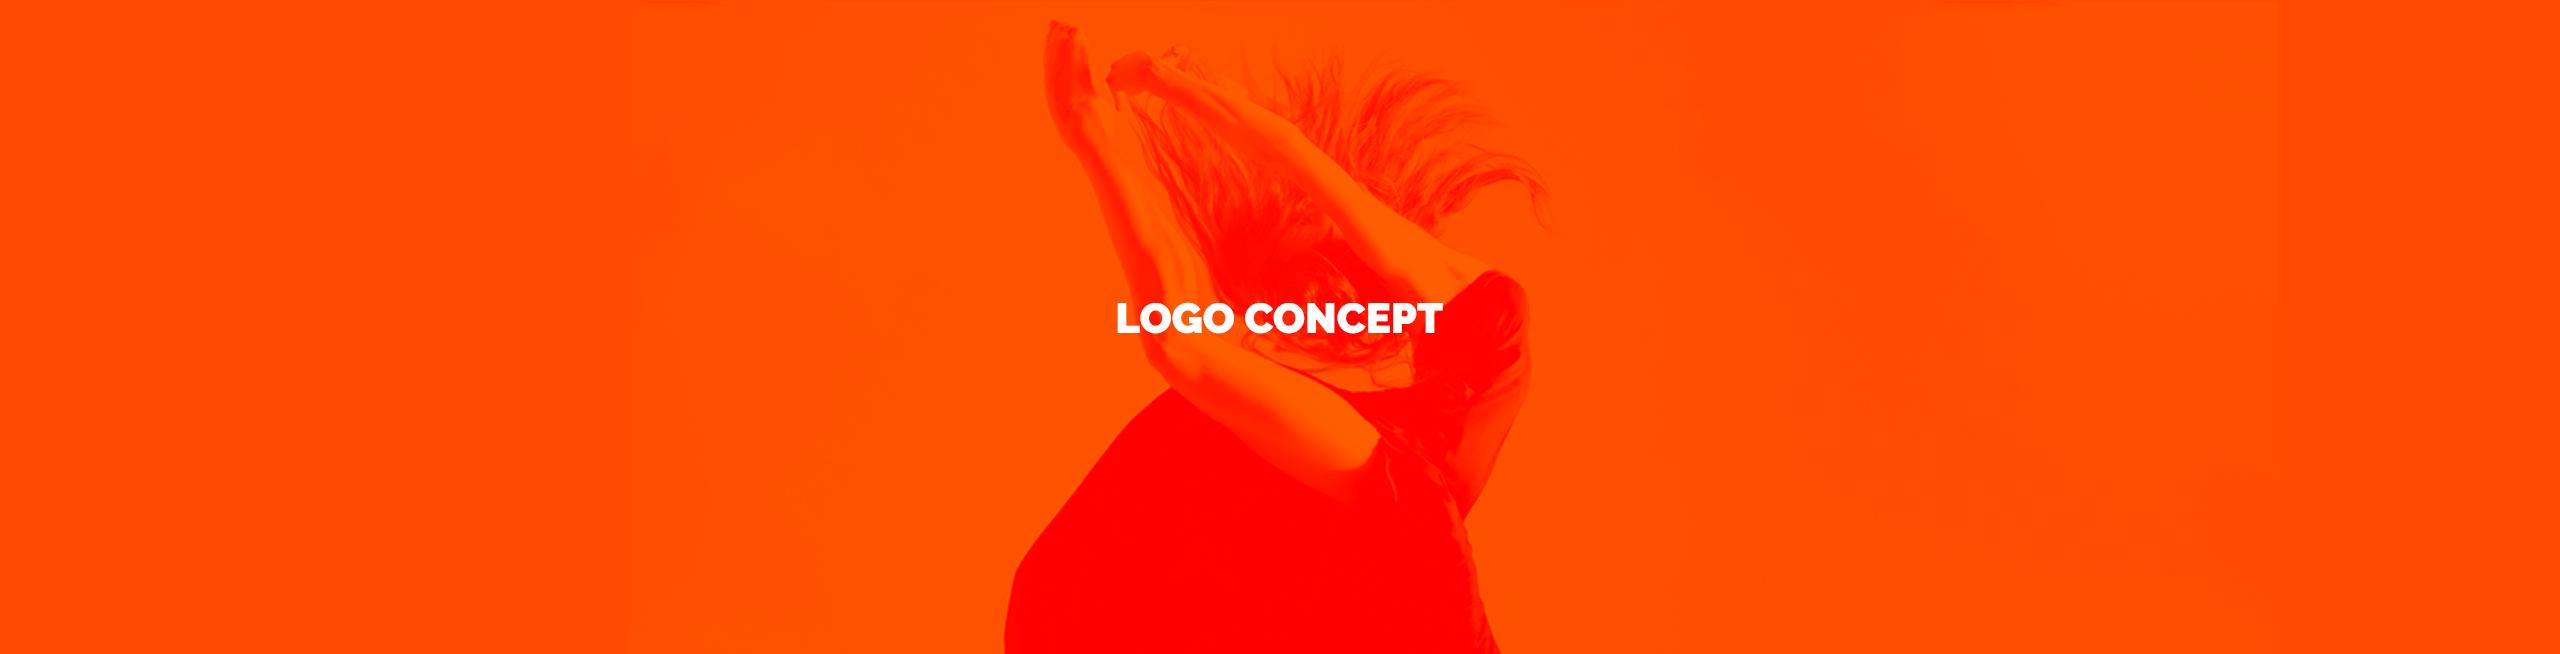 isadora-logo-concept